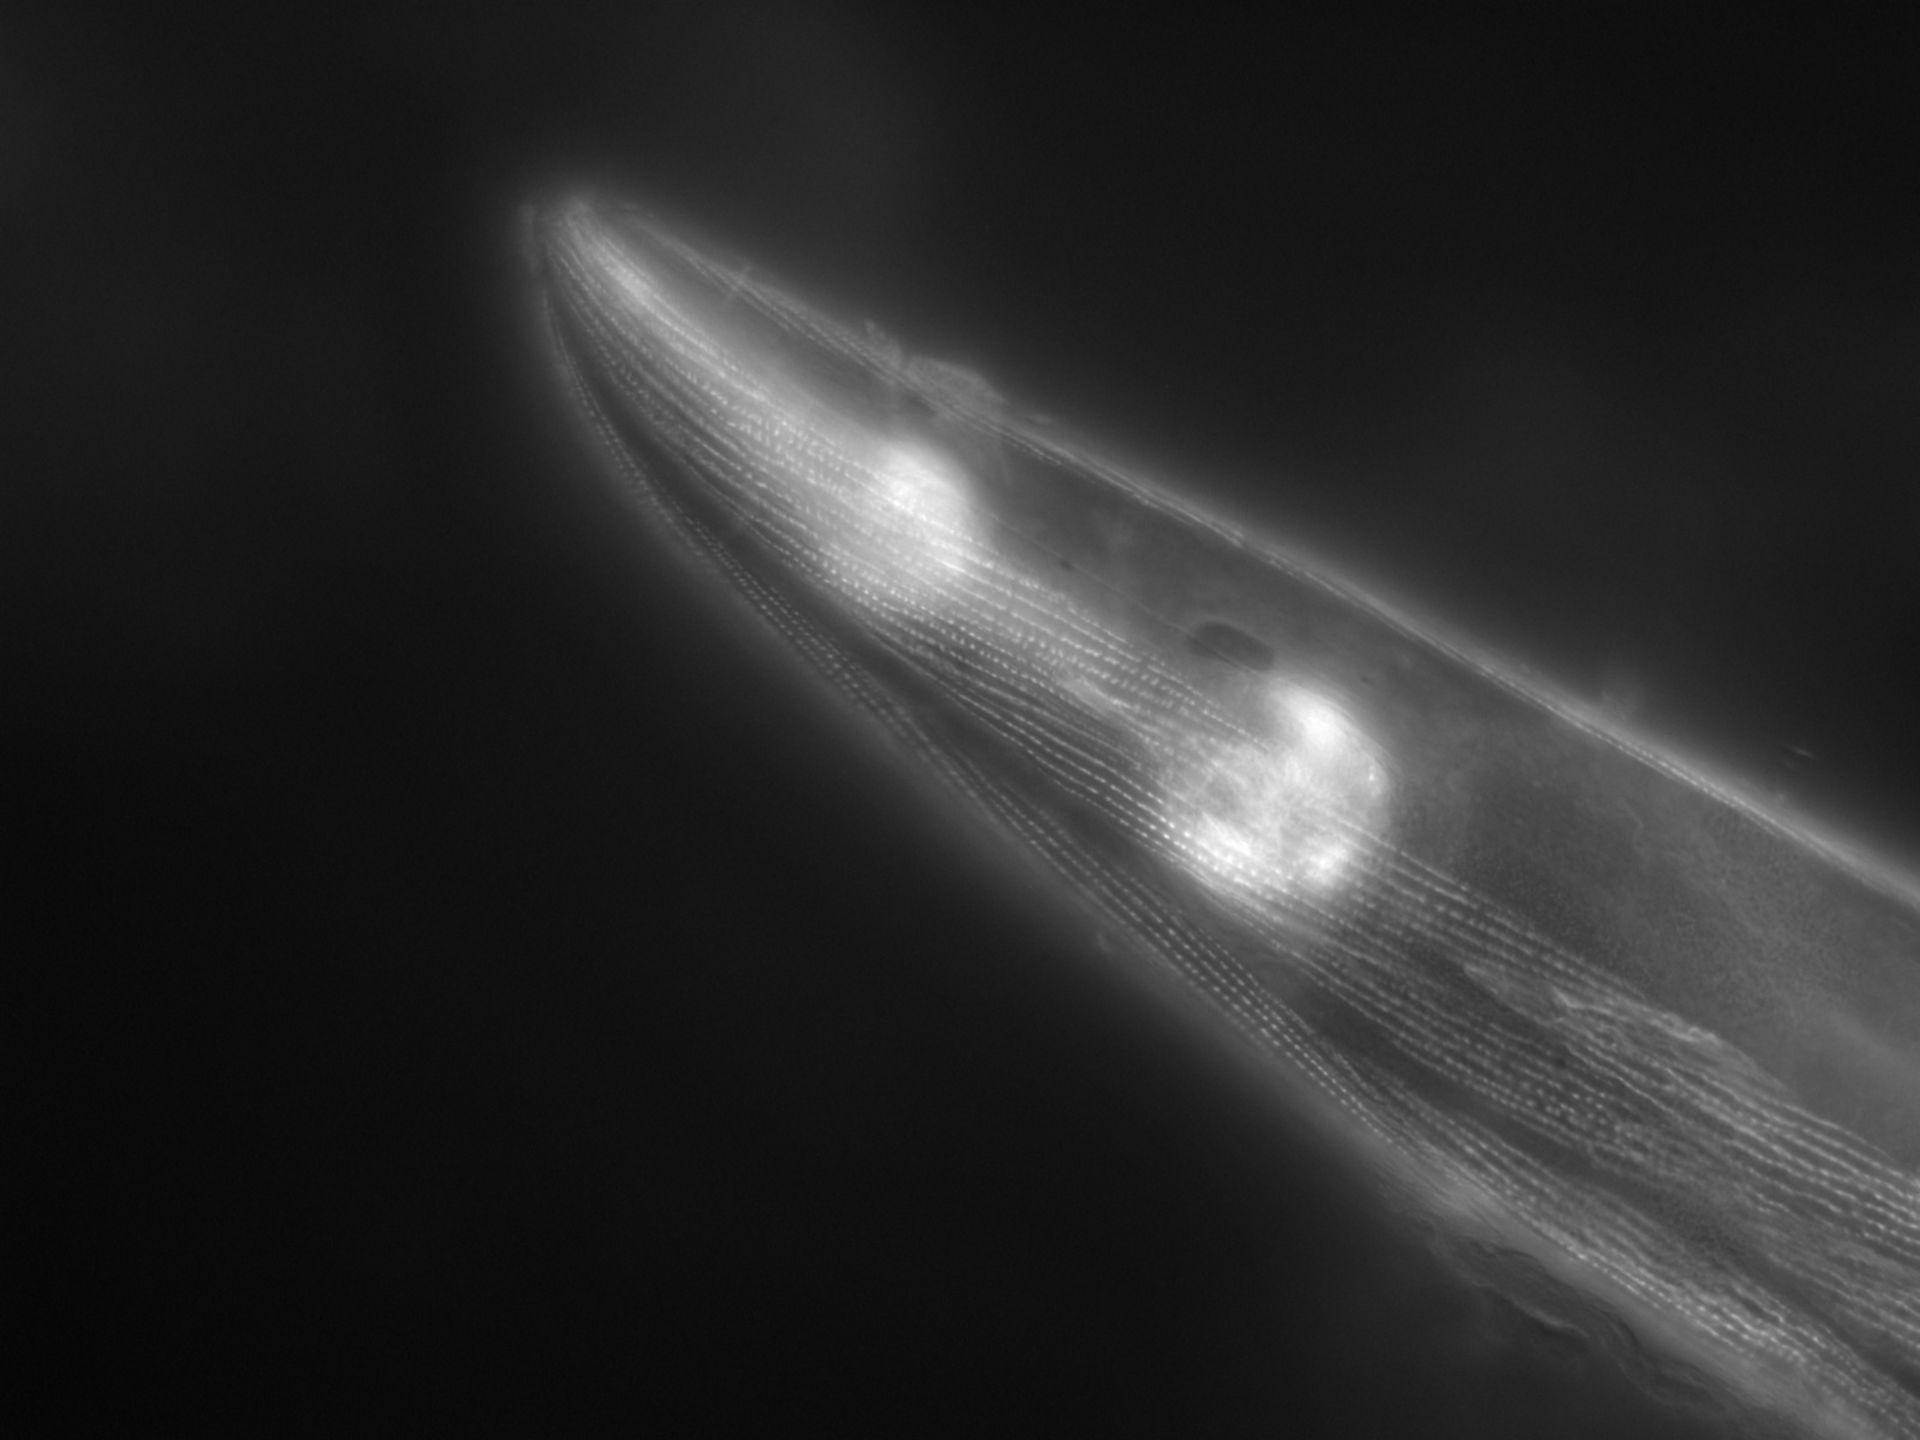 Caenorhabditis elegans (Actin filament) - CIL:1147